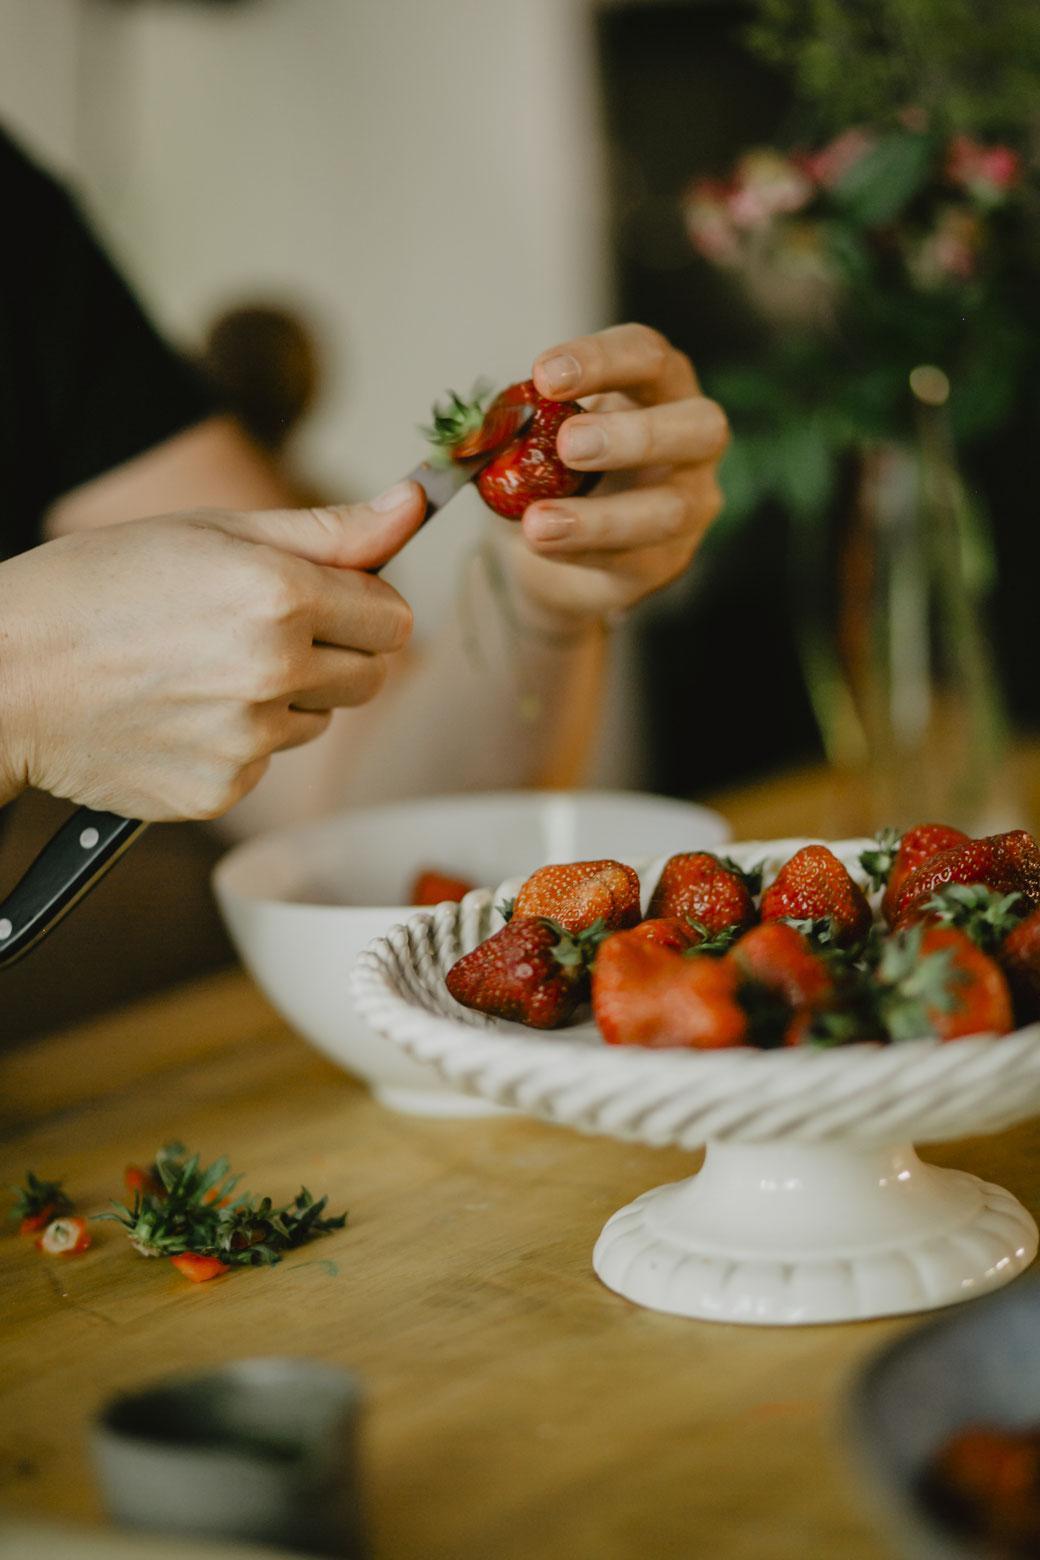 Erdbeeren schneiden für Erdbeer-Minz-Shrub